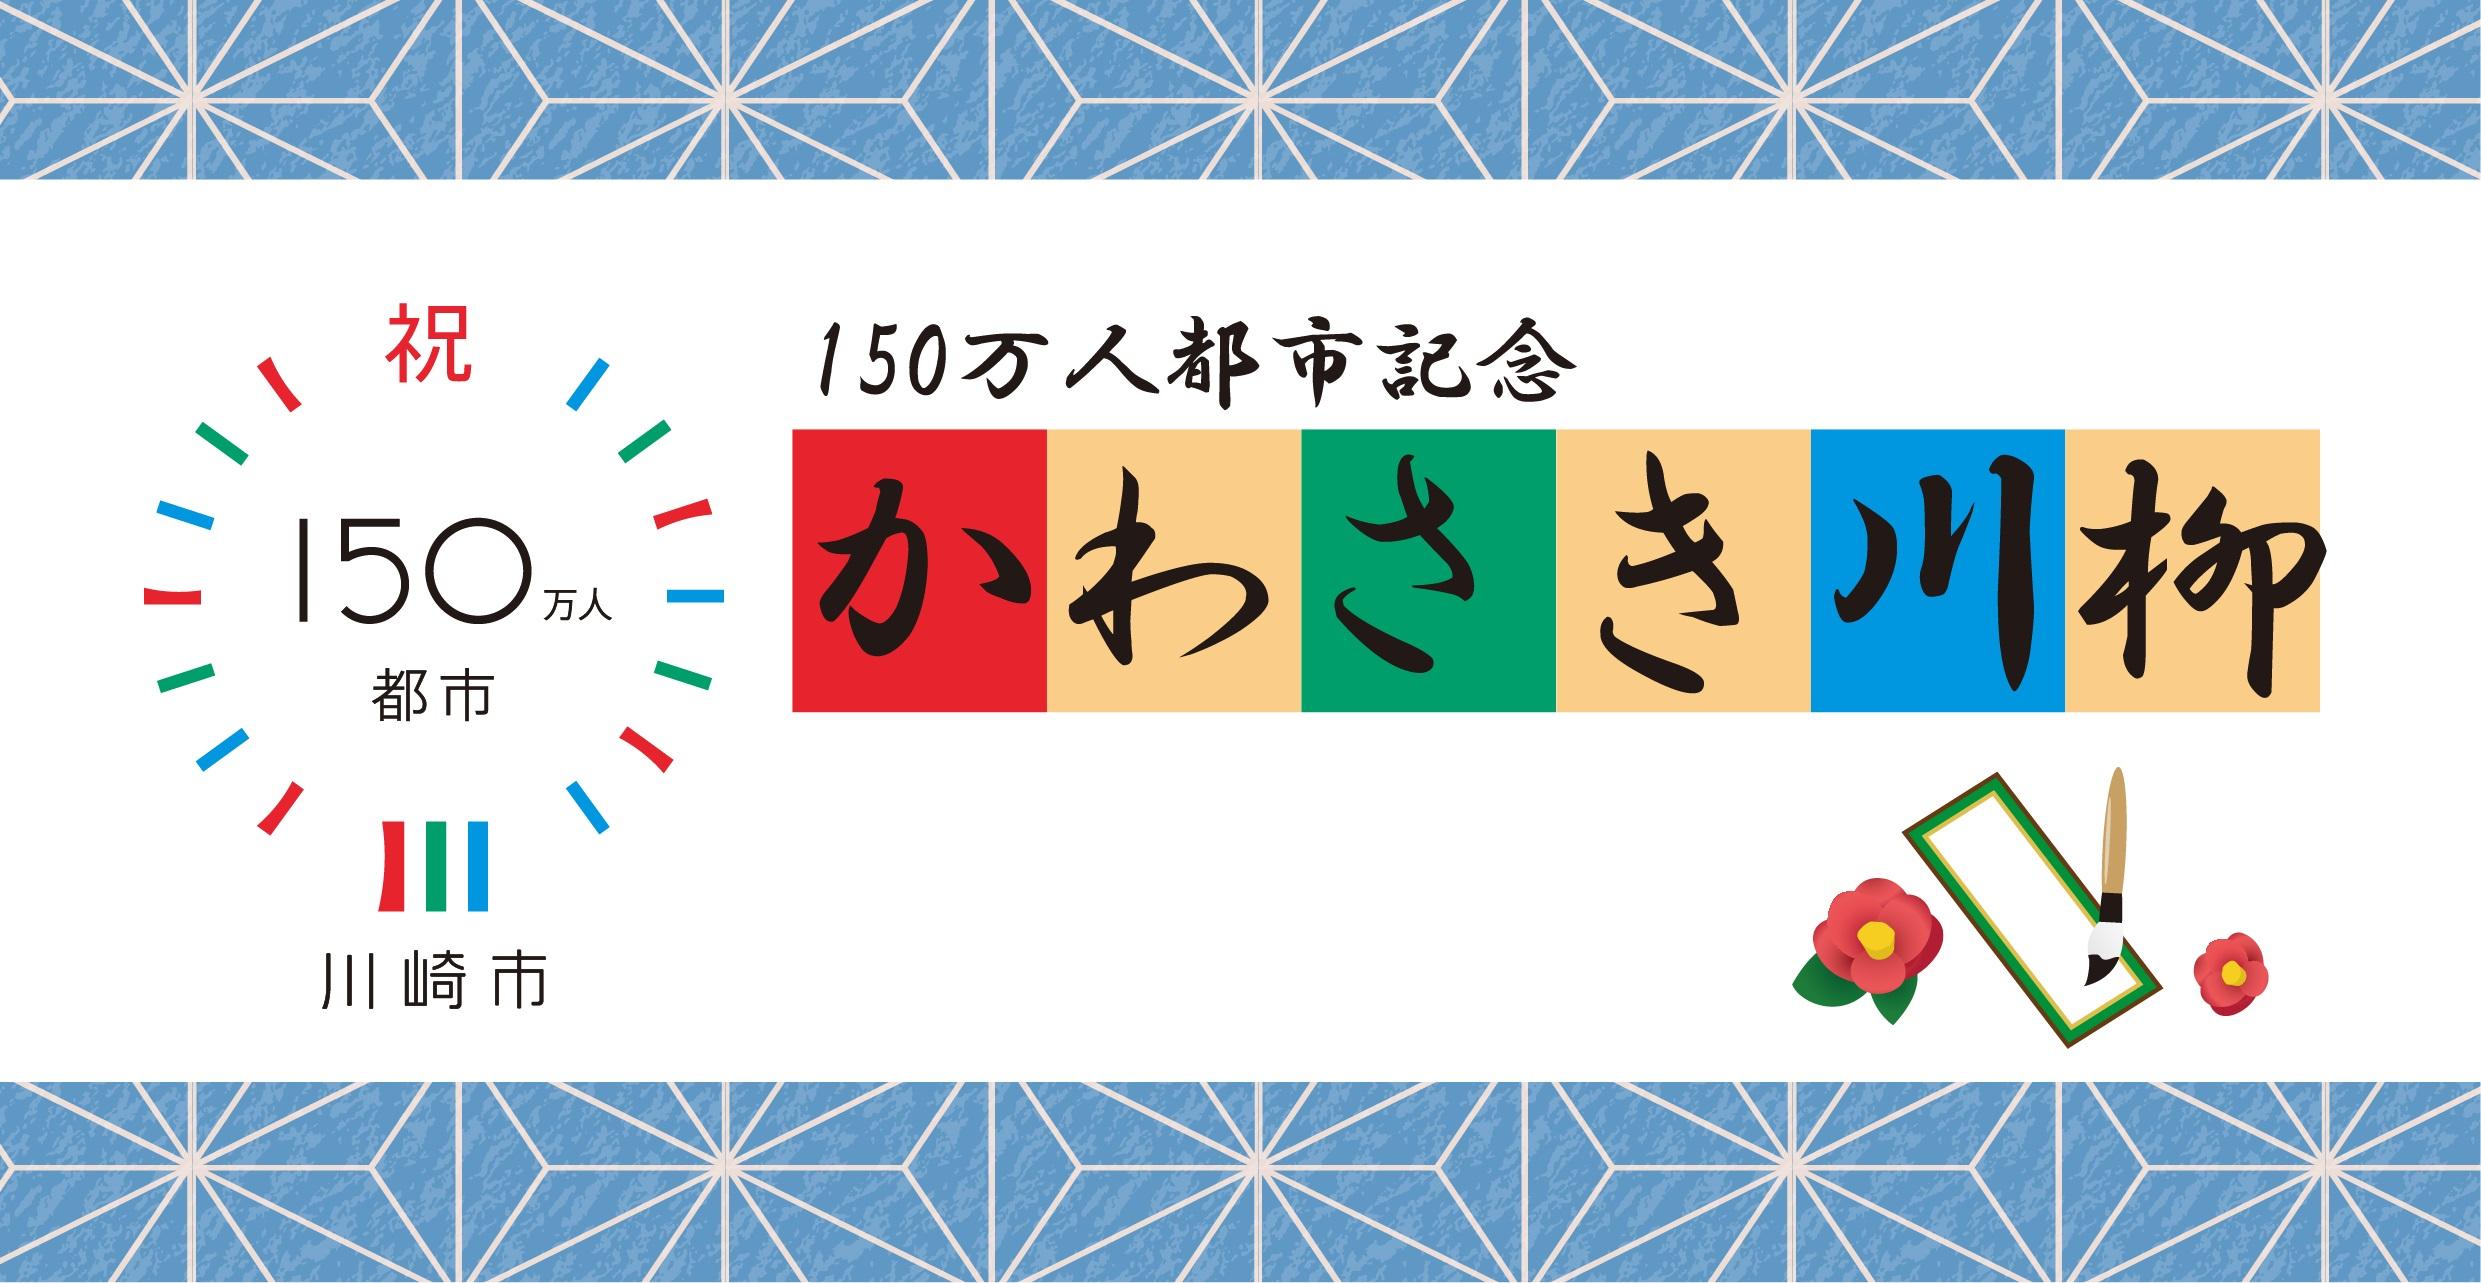 150万人都市記念かわさき川柳